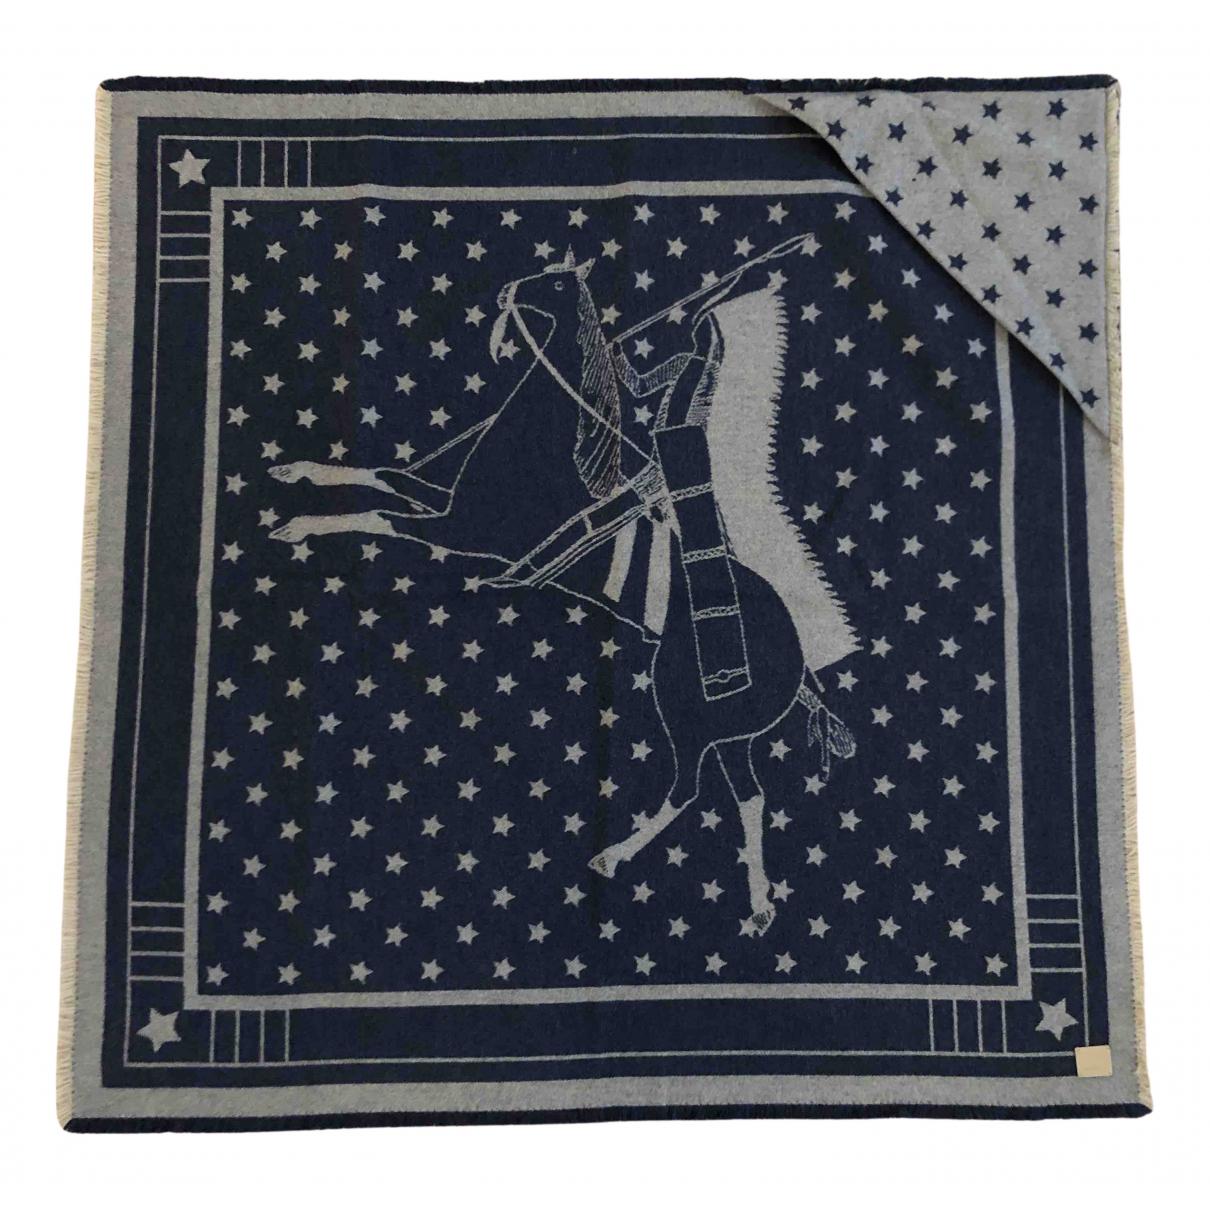 Hermes - Linge de maison   pour lifestyle en cachemire - bleu